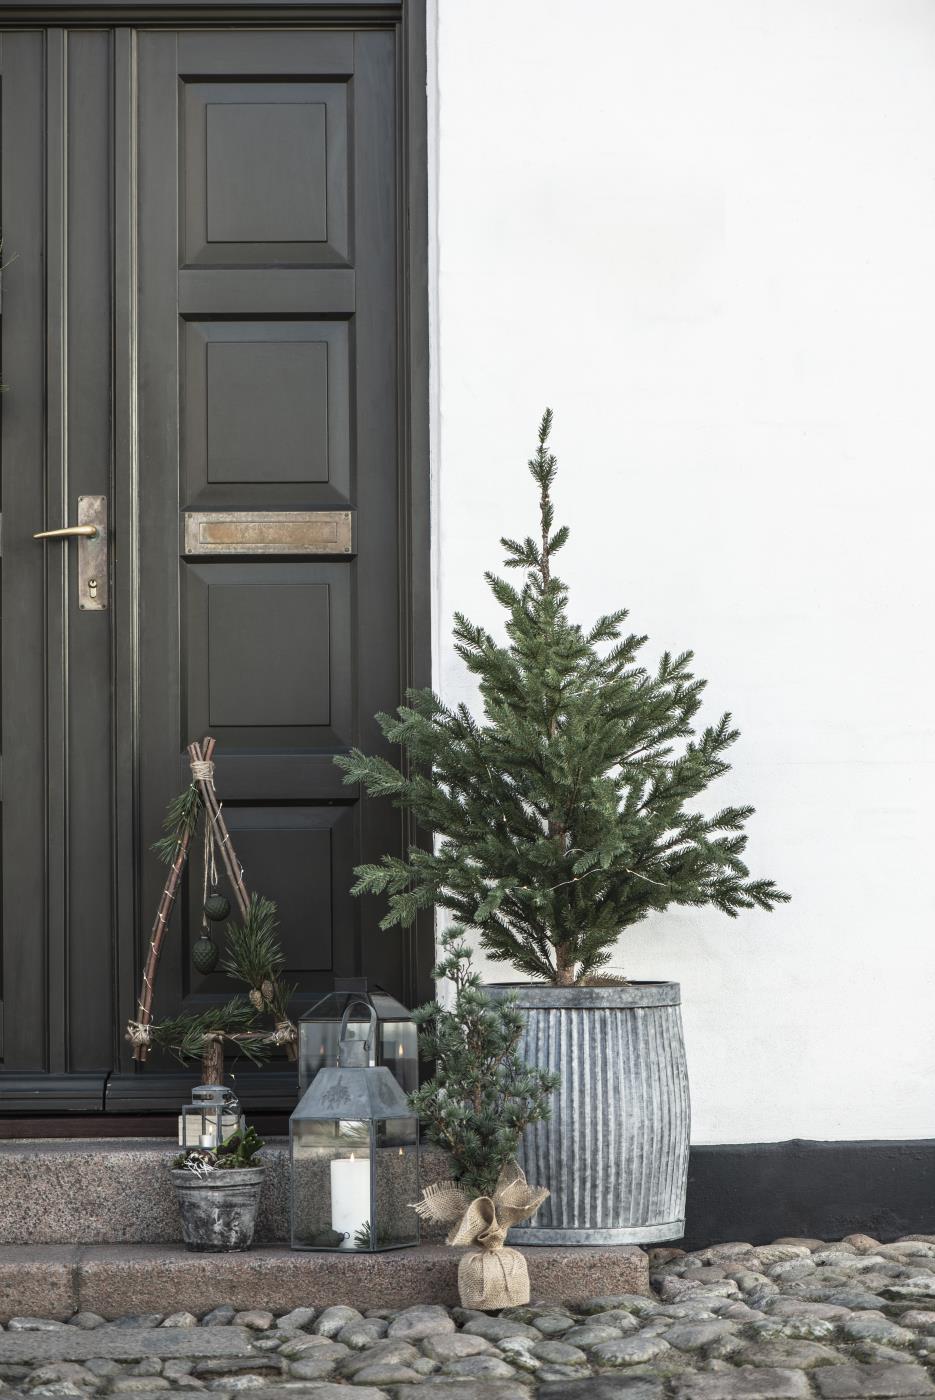 Kunstpflanzen, Tannenbäume und Kränze für Weihnachten, Bild 1